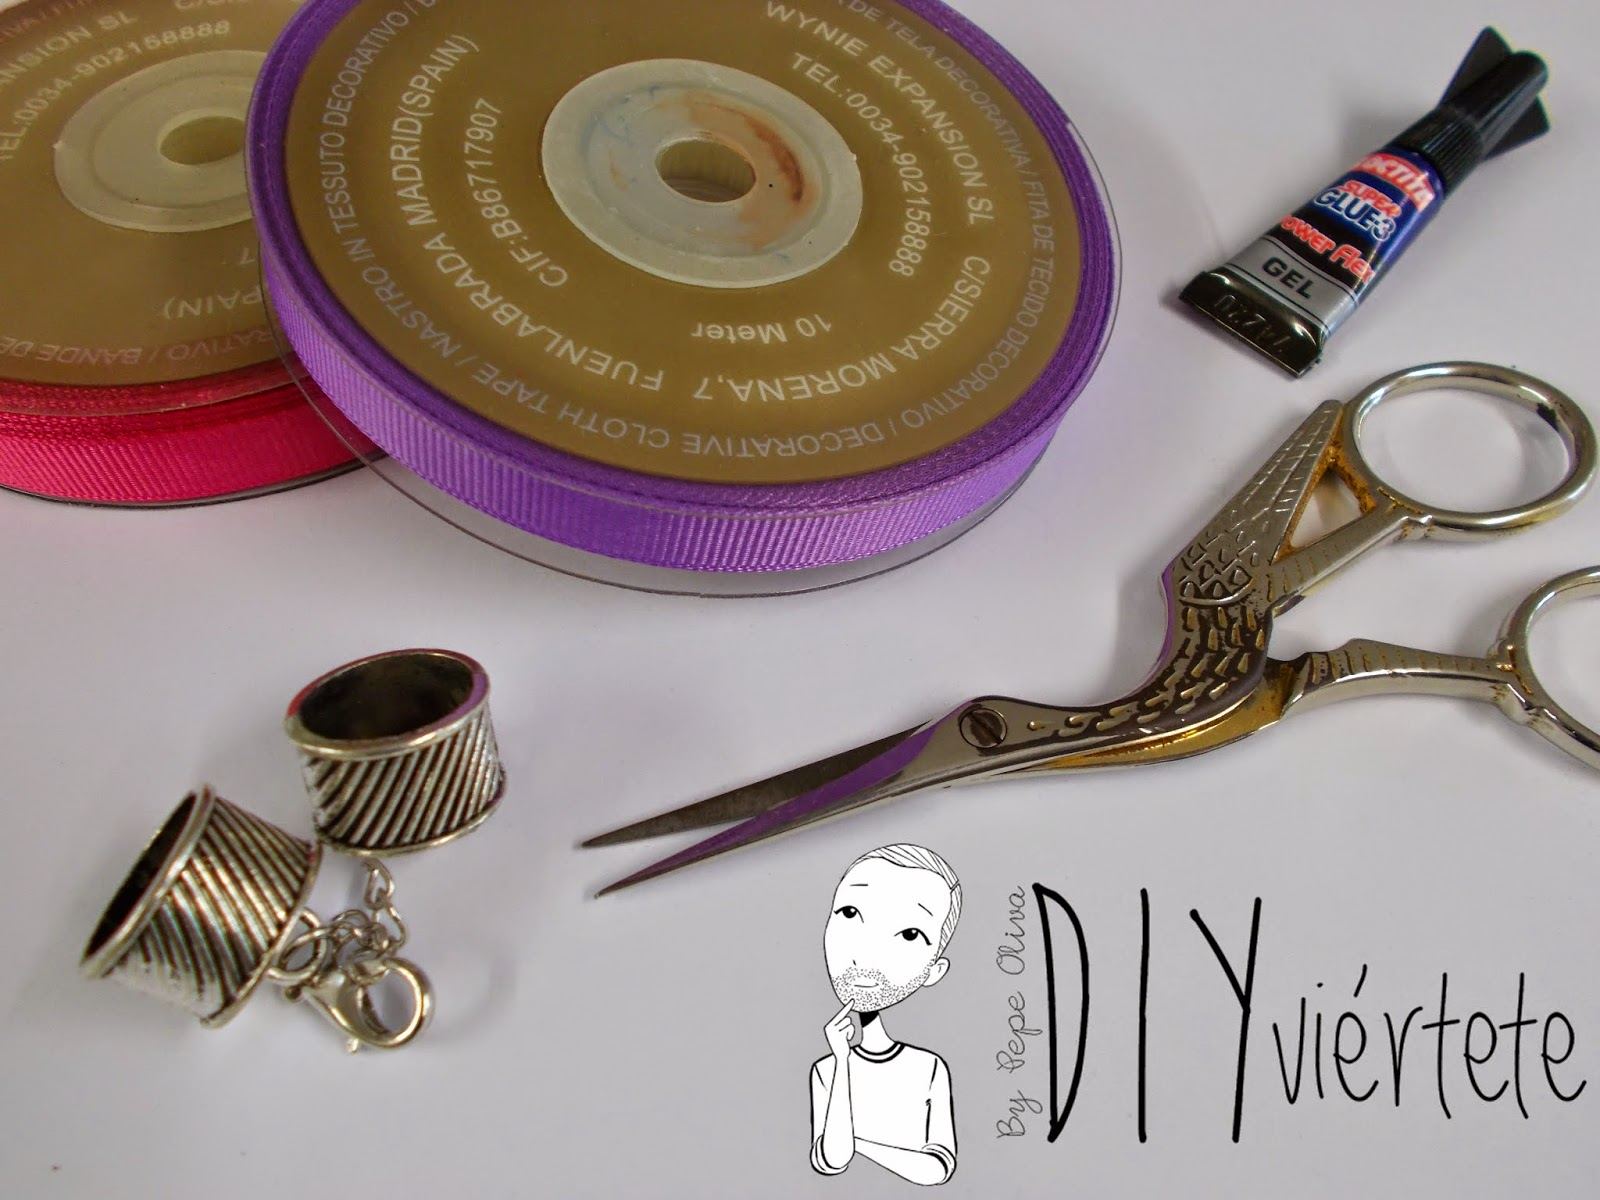 BLOGERSANDO-marzo-lila-collar-cinta raso-mujer trabajadora-color mujer-morado-violeta-acordeón-bisutería-1